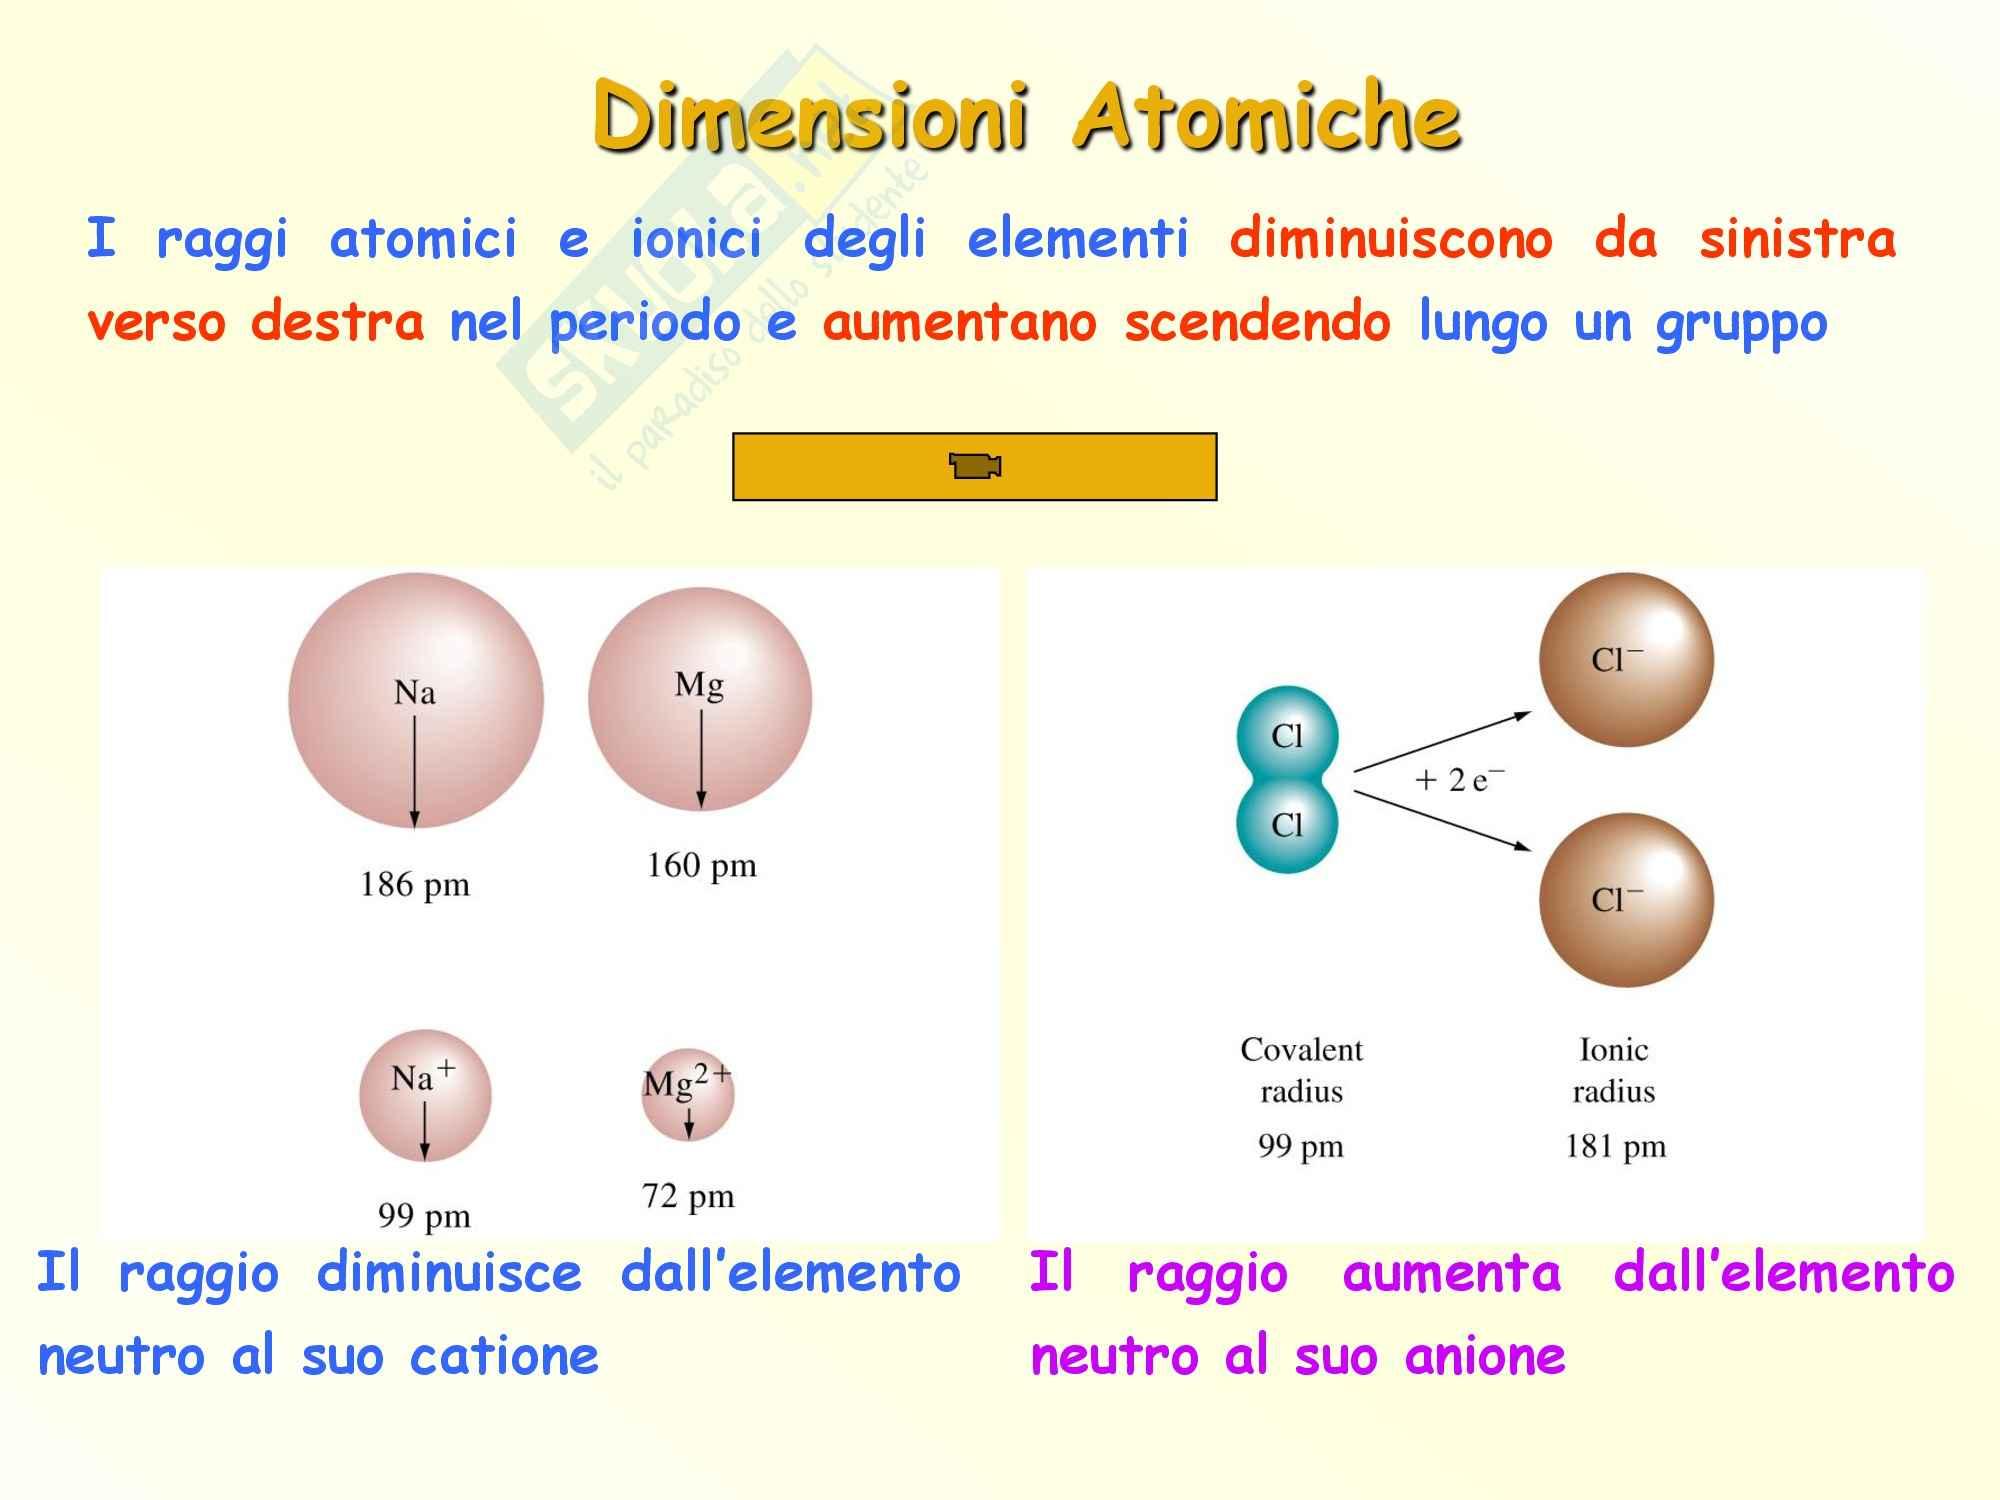 Chimica inorganica - la tavola periodica degli elementi Pag. 6